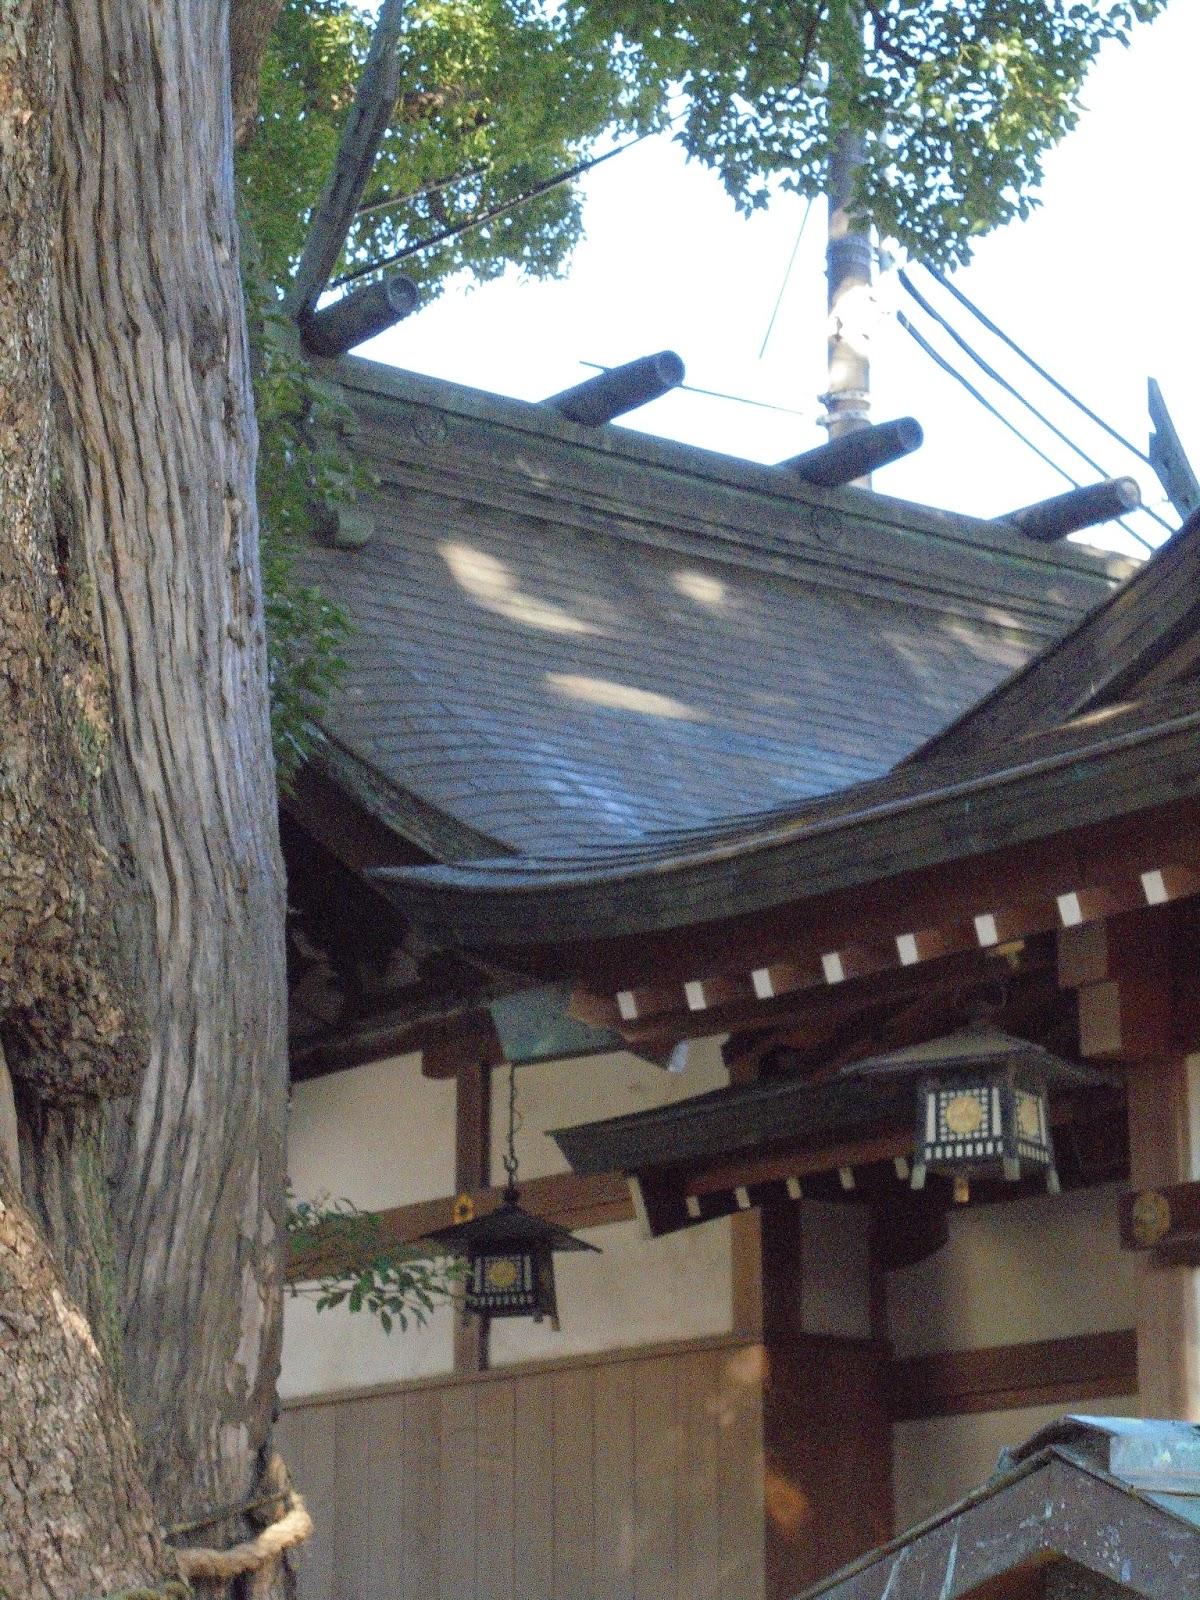 退職教授の見果てぬ夢: 神戸灘区 春日神社